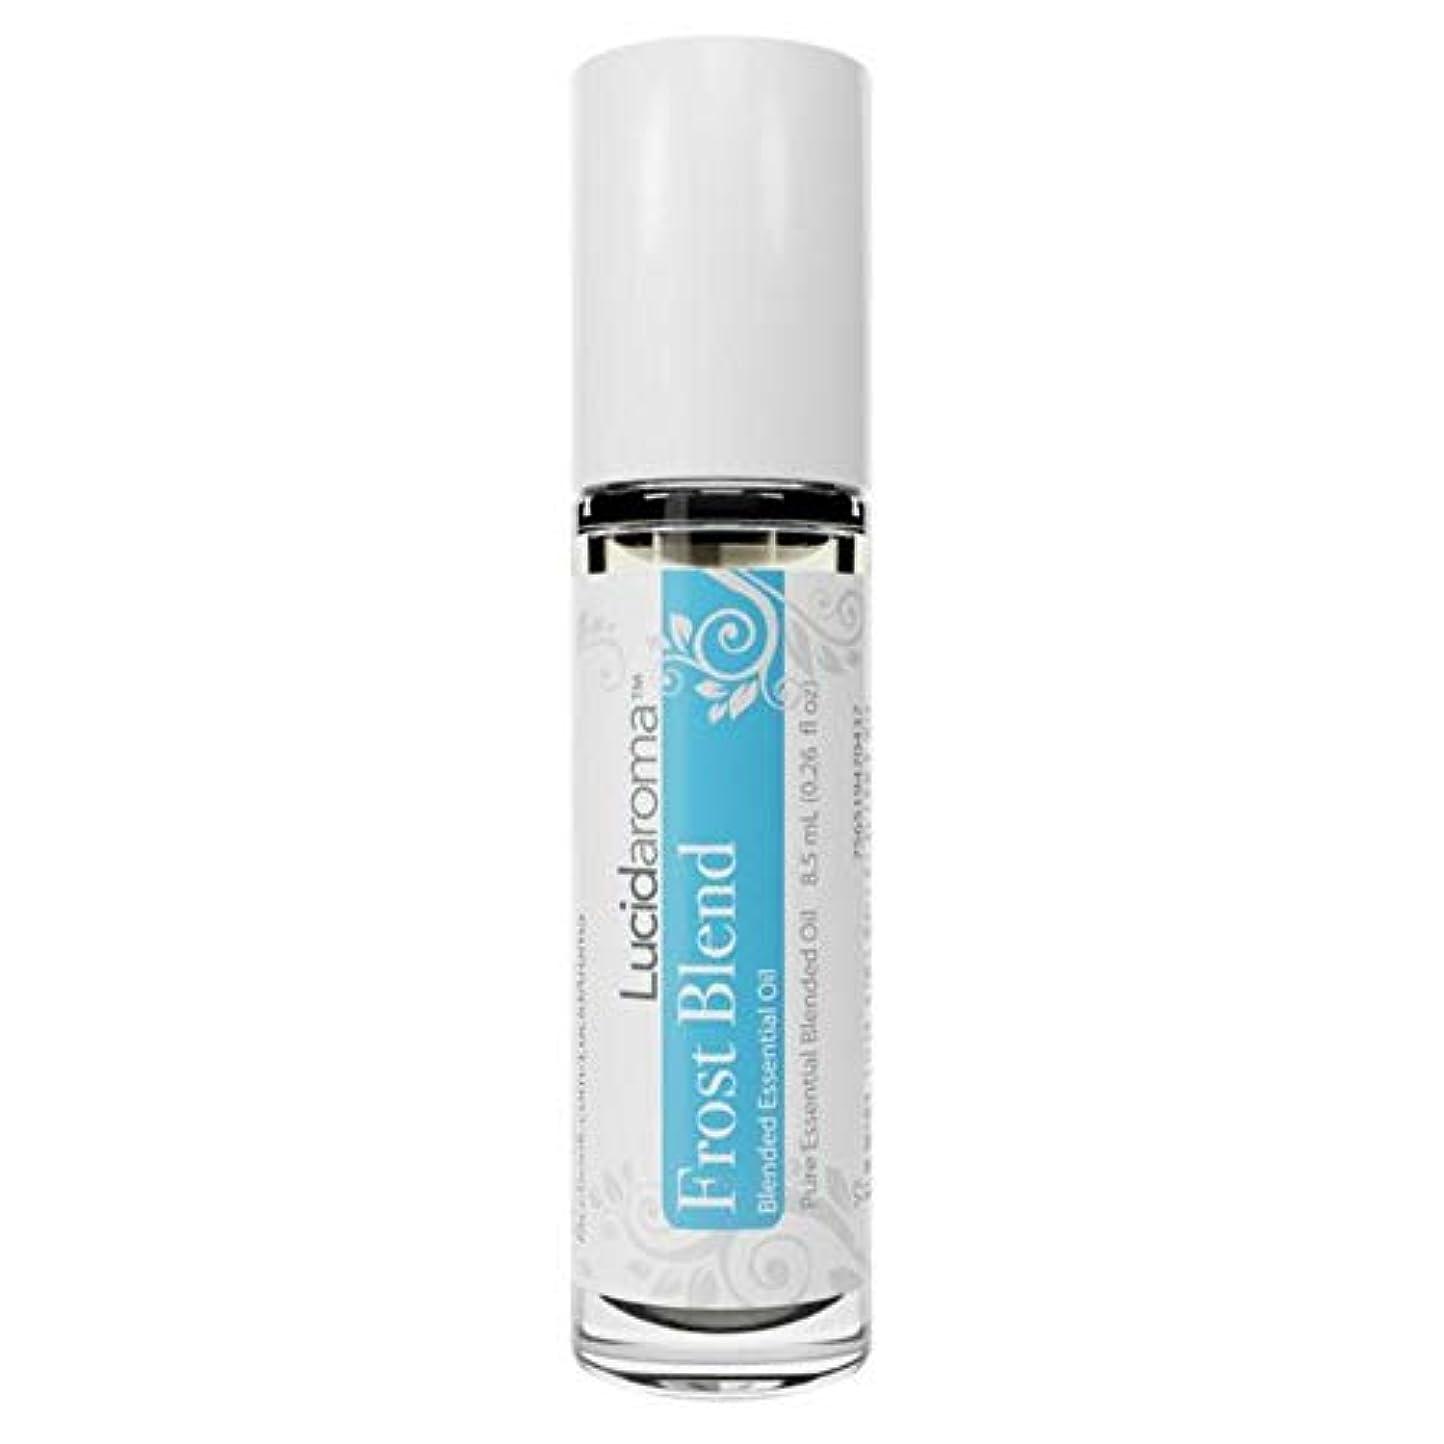 ベスビオ山フラップ有罪Lucid Aroma Frost Blend フロスト ブレンド ロールオン アロマオイル 8.5mL (塗るアロマ) 100%天然 携帯便利 ピュア エッセンシャル アメリカ製